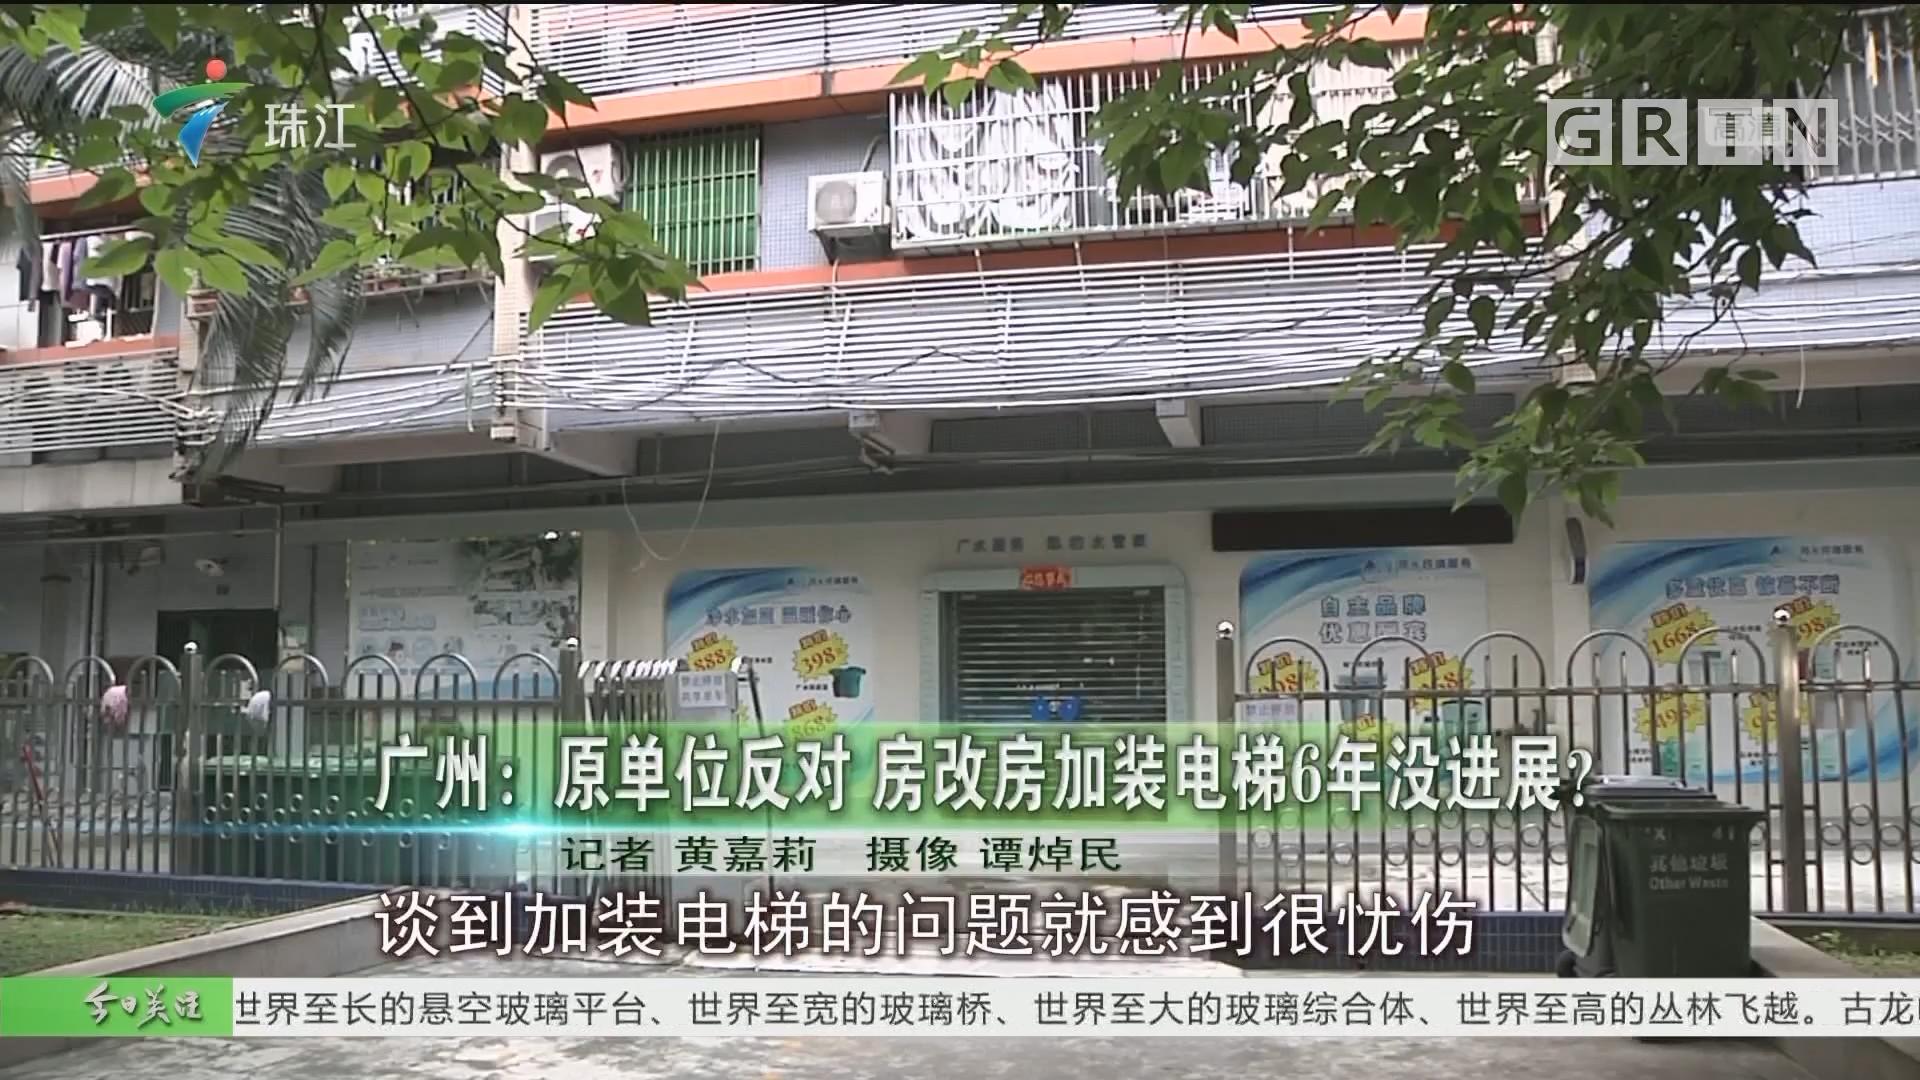 广州:原单位反对 房改房加装电梯6年没进展?